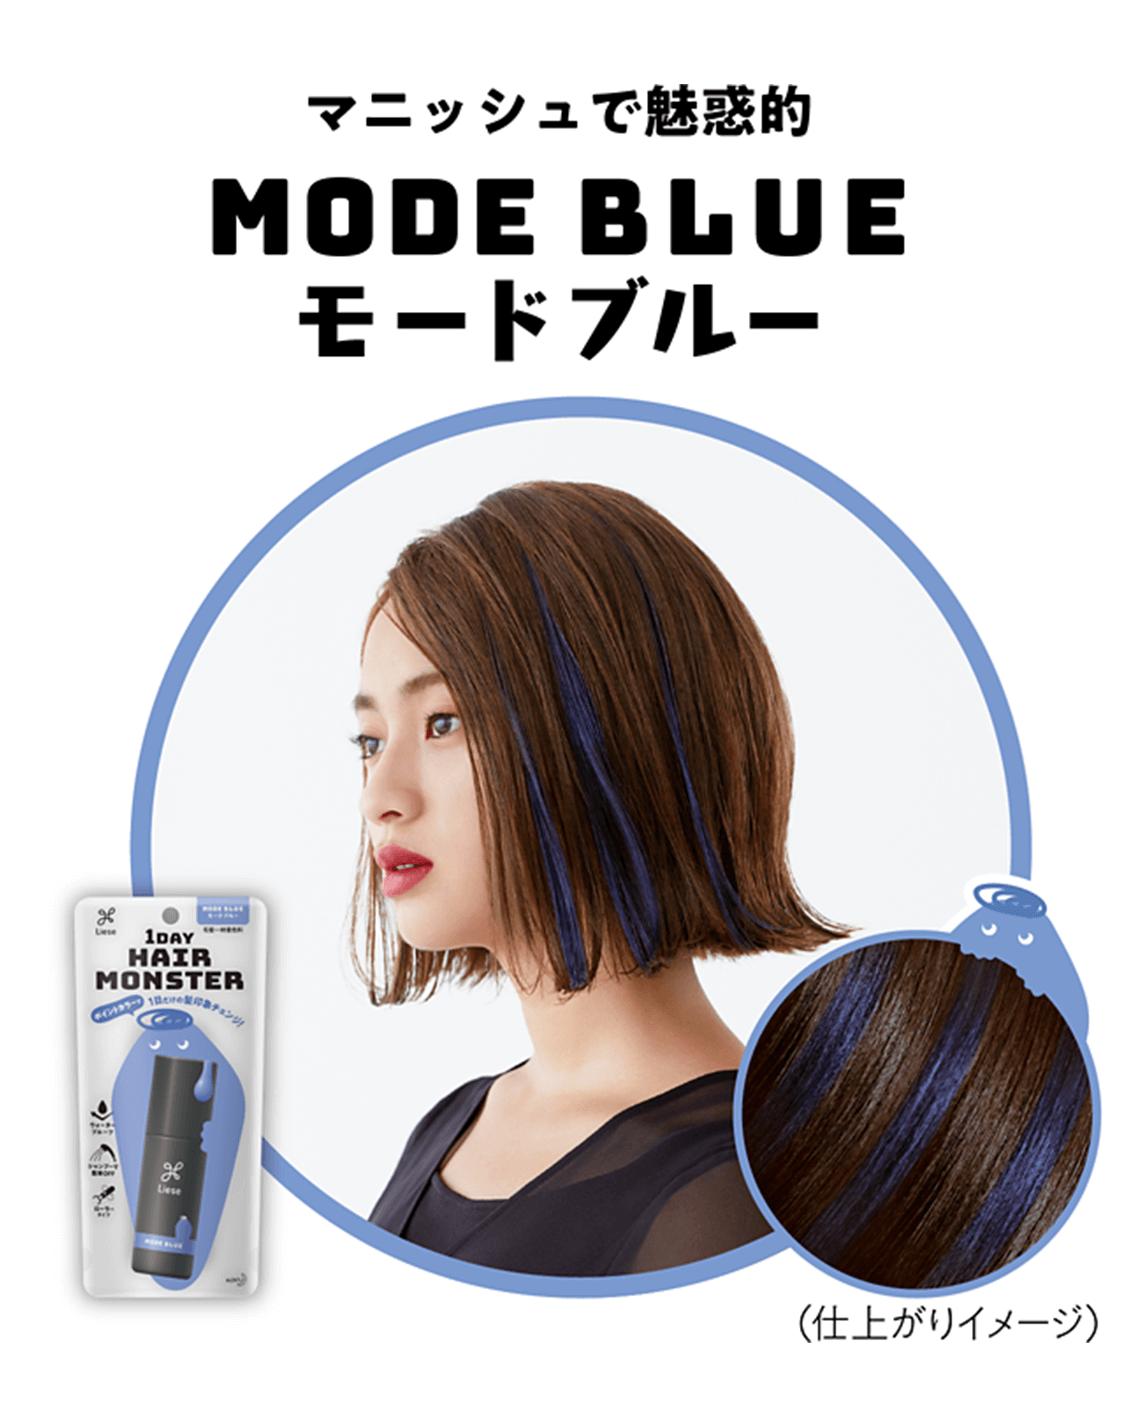 マニッシュで魅惑的 MODE BLUE モードブルー